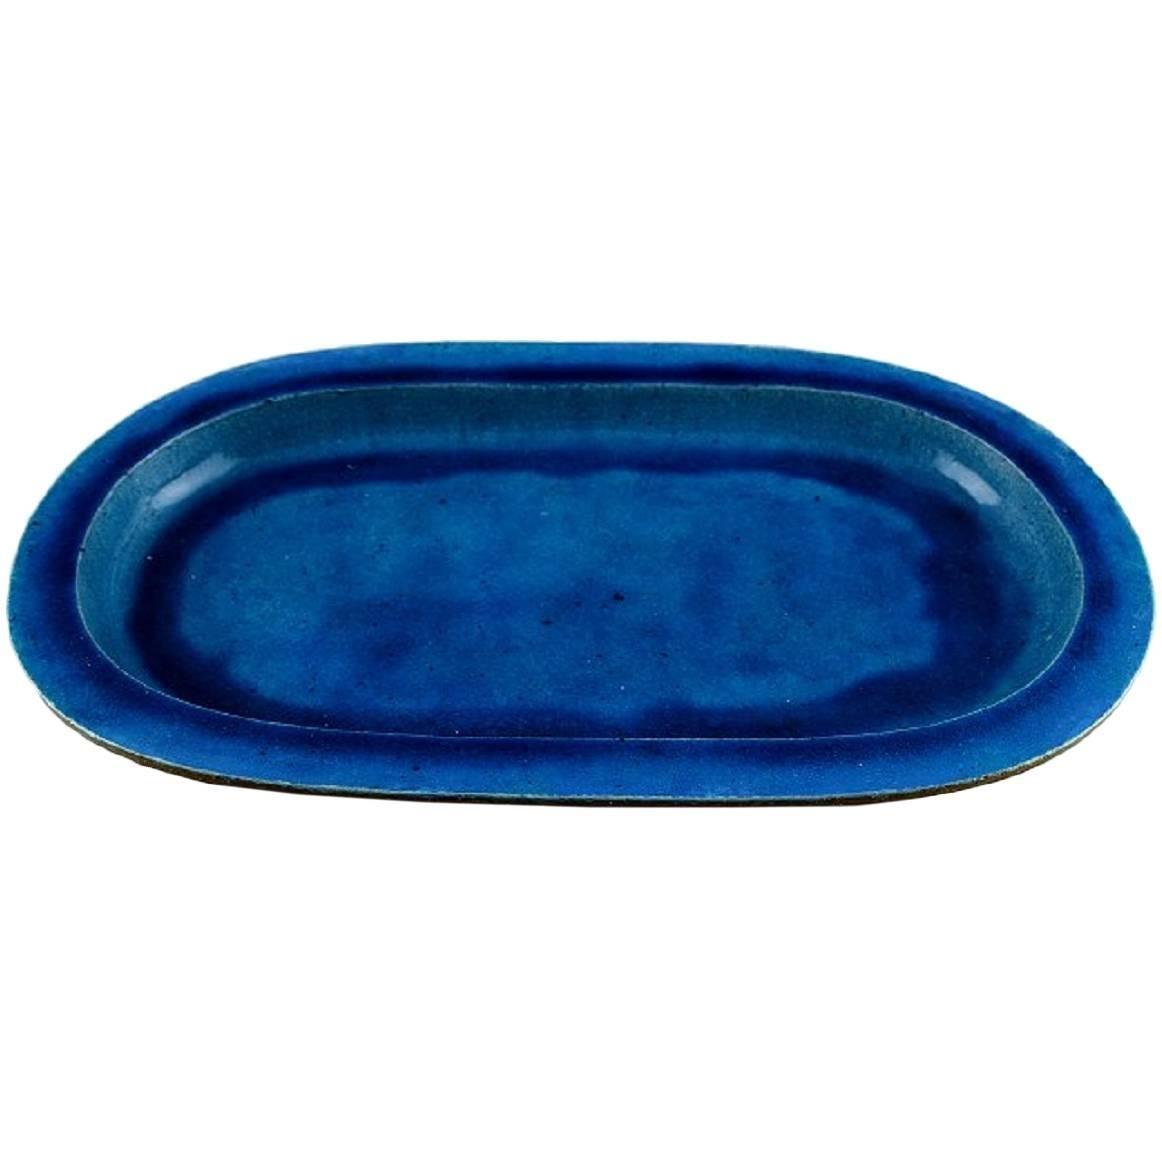 Kähler, Denmark, Huge Glazed Stoneware Platter/Tray, 1960s